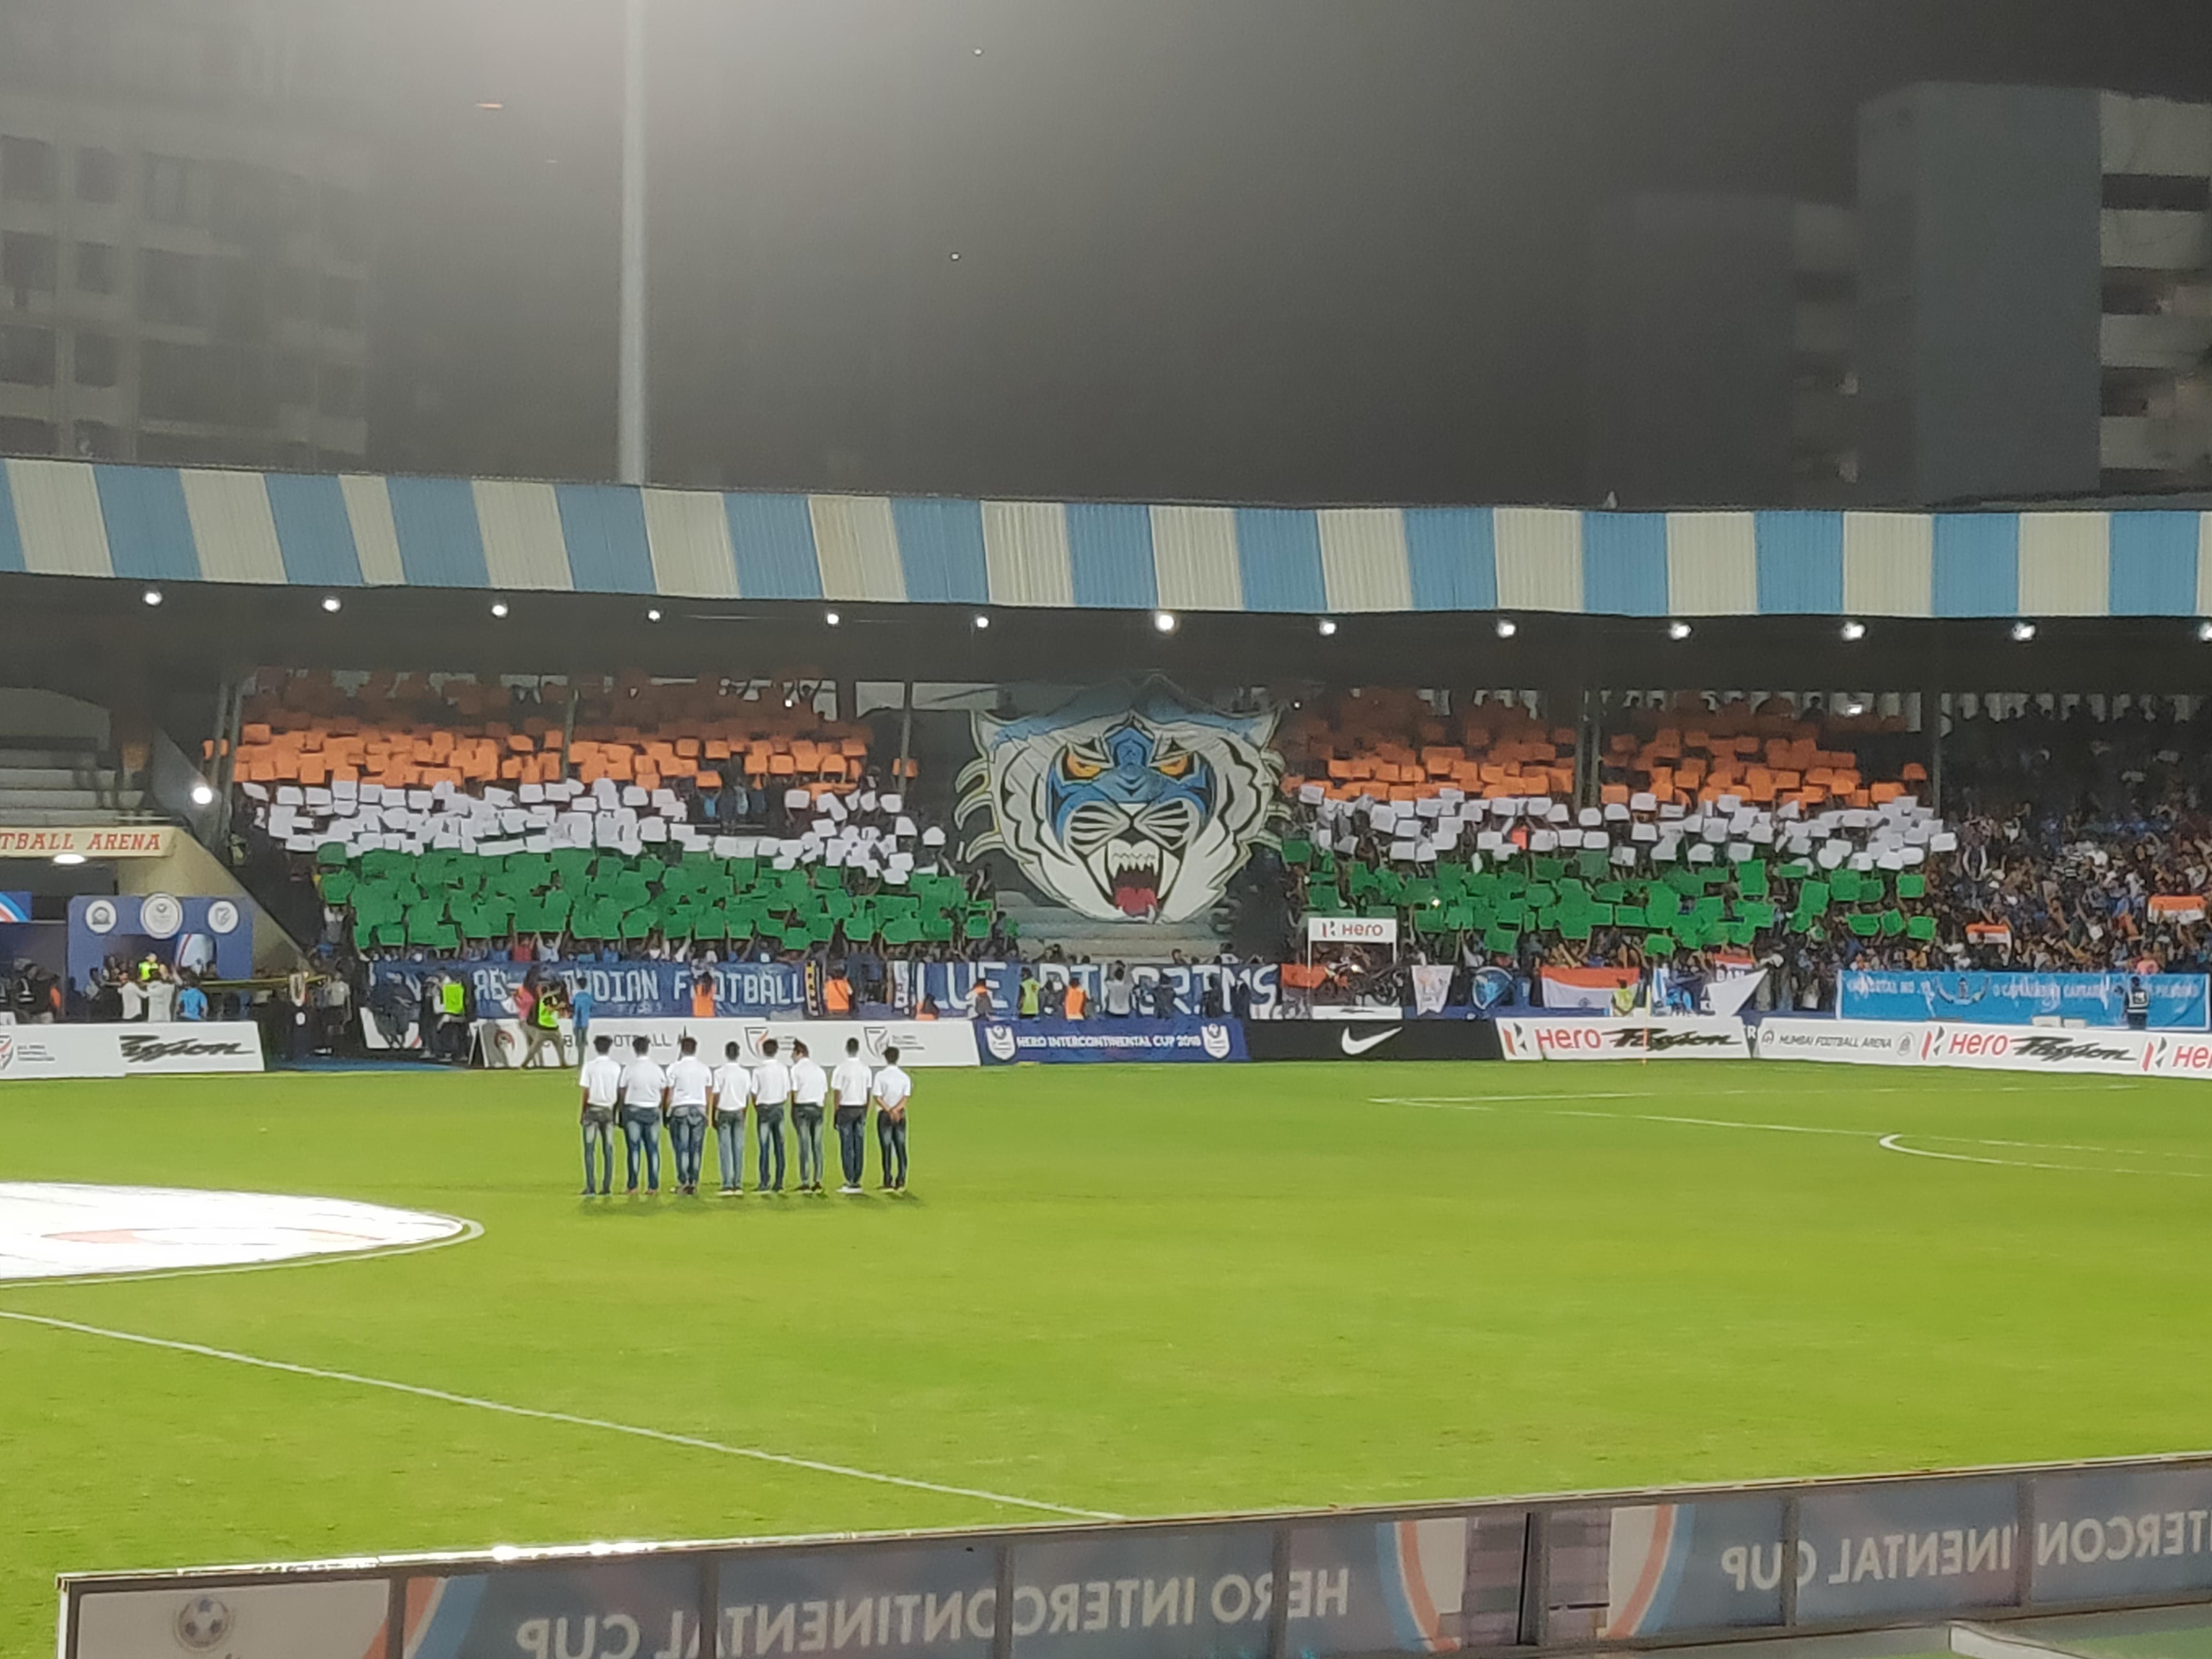 Team India tifo